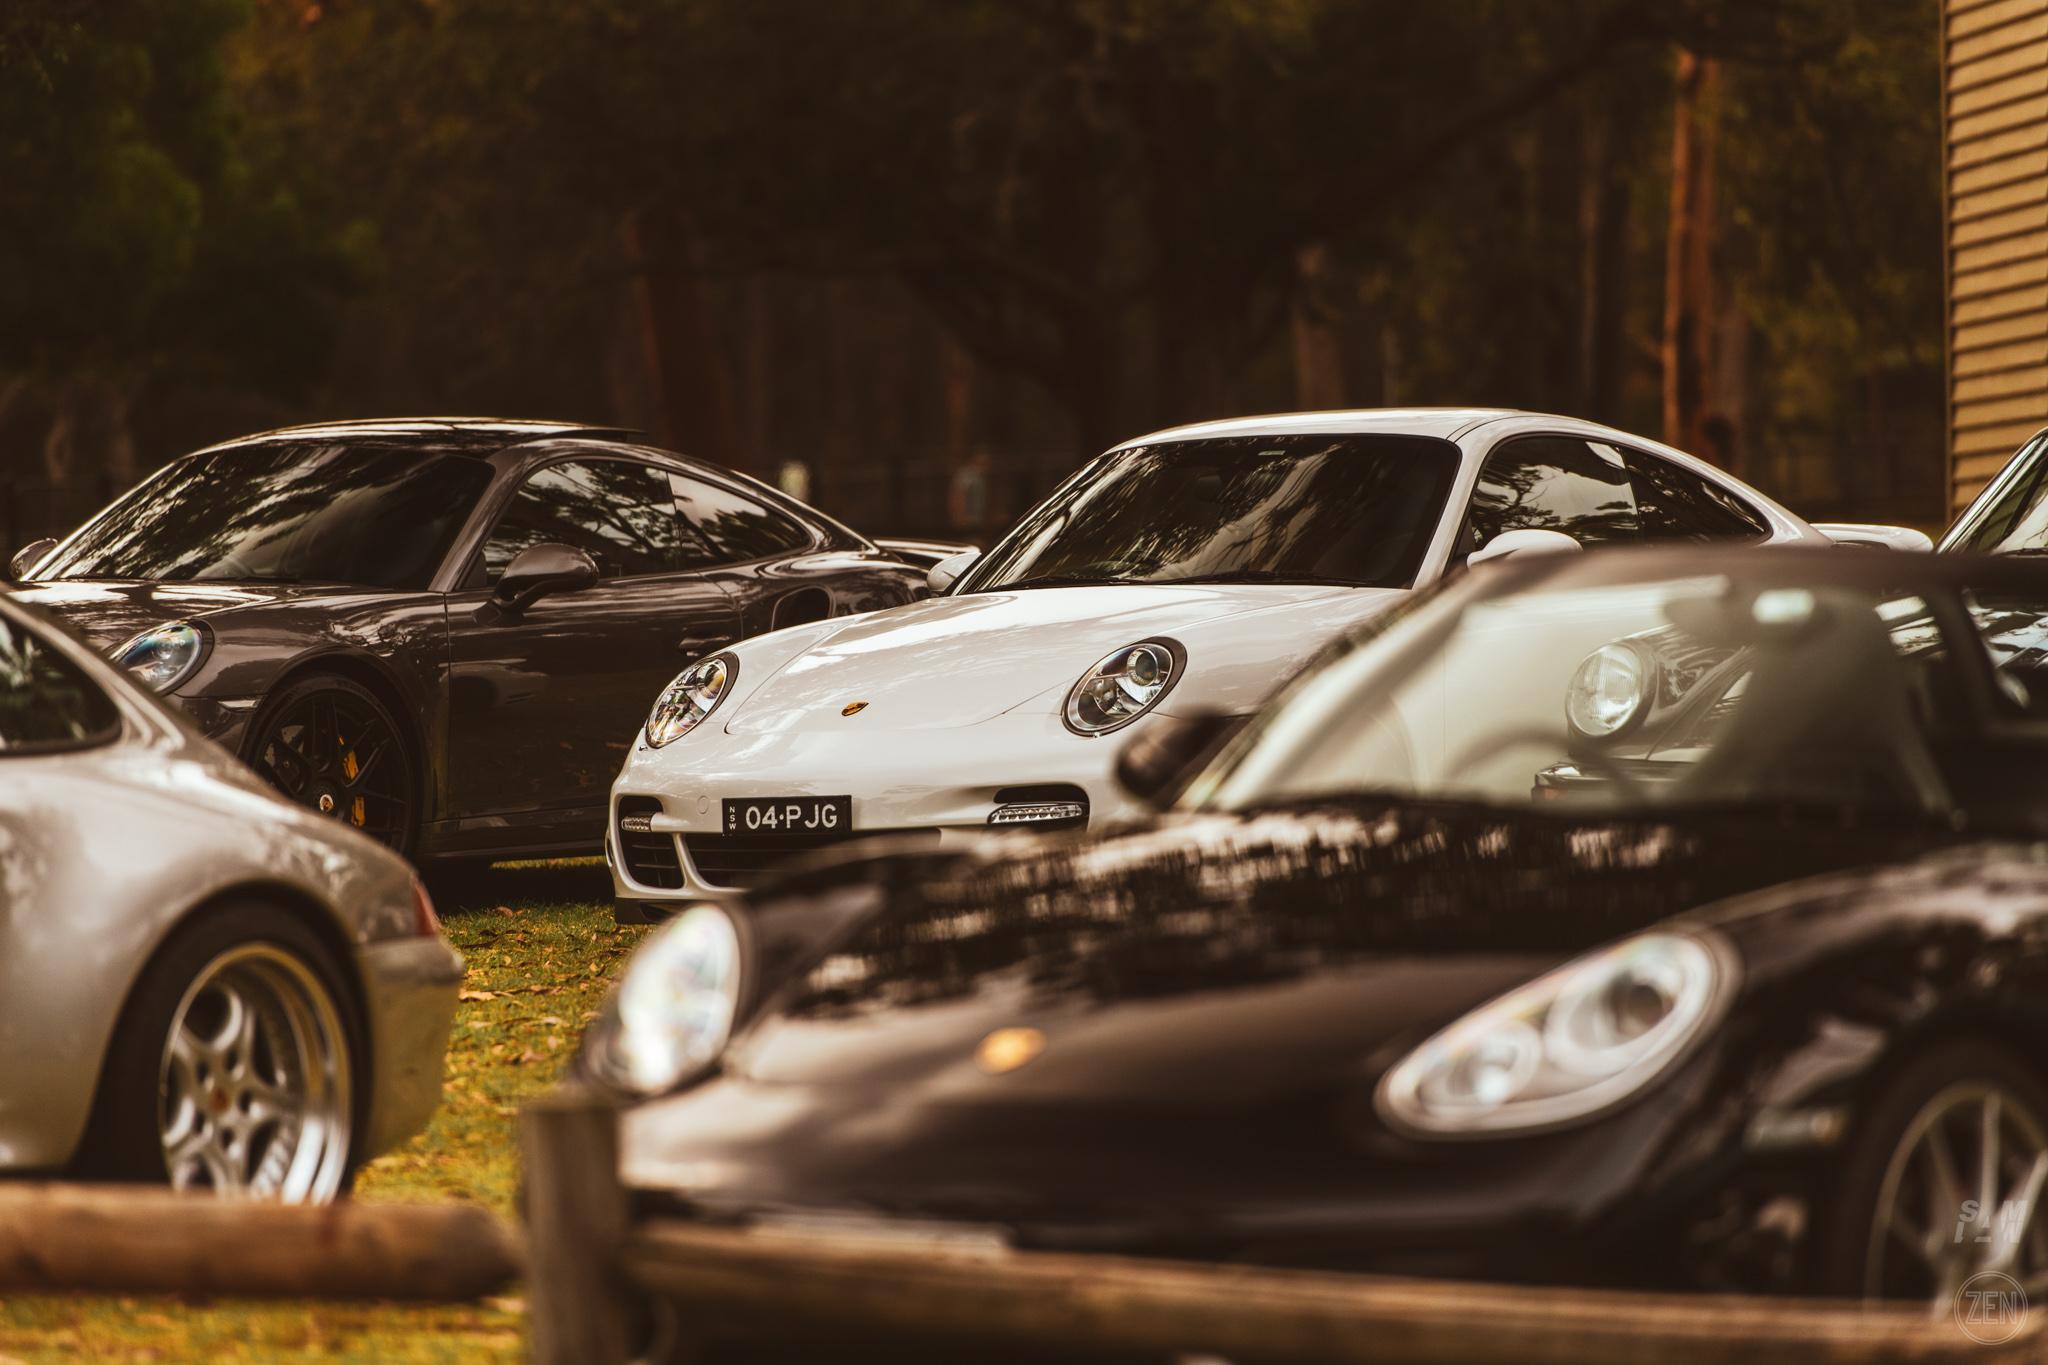 2019-12-08 - Porsches & Coffee 122